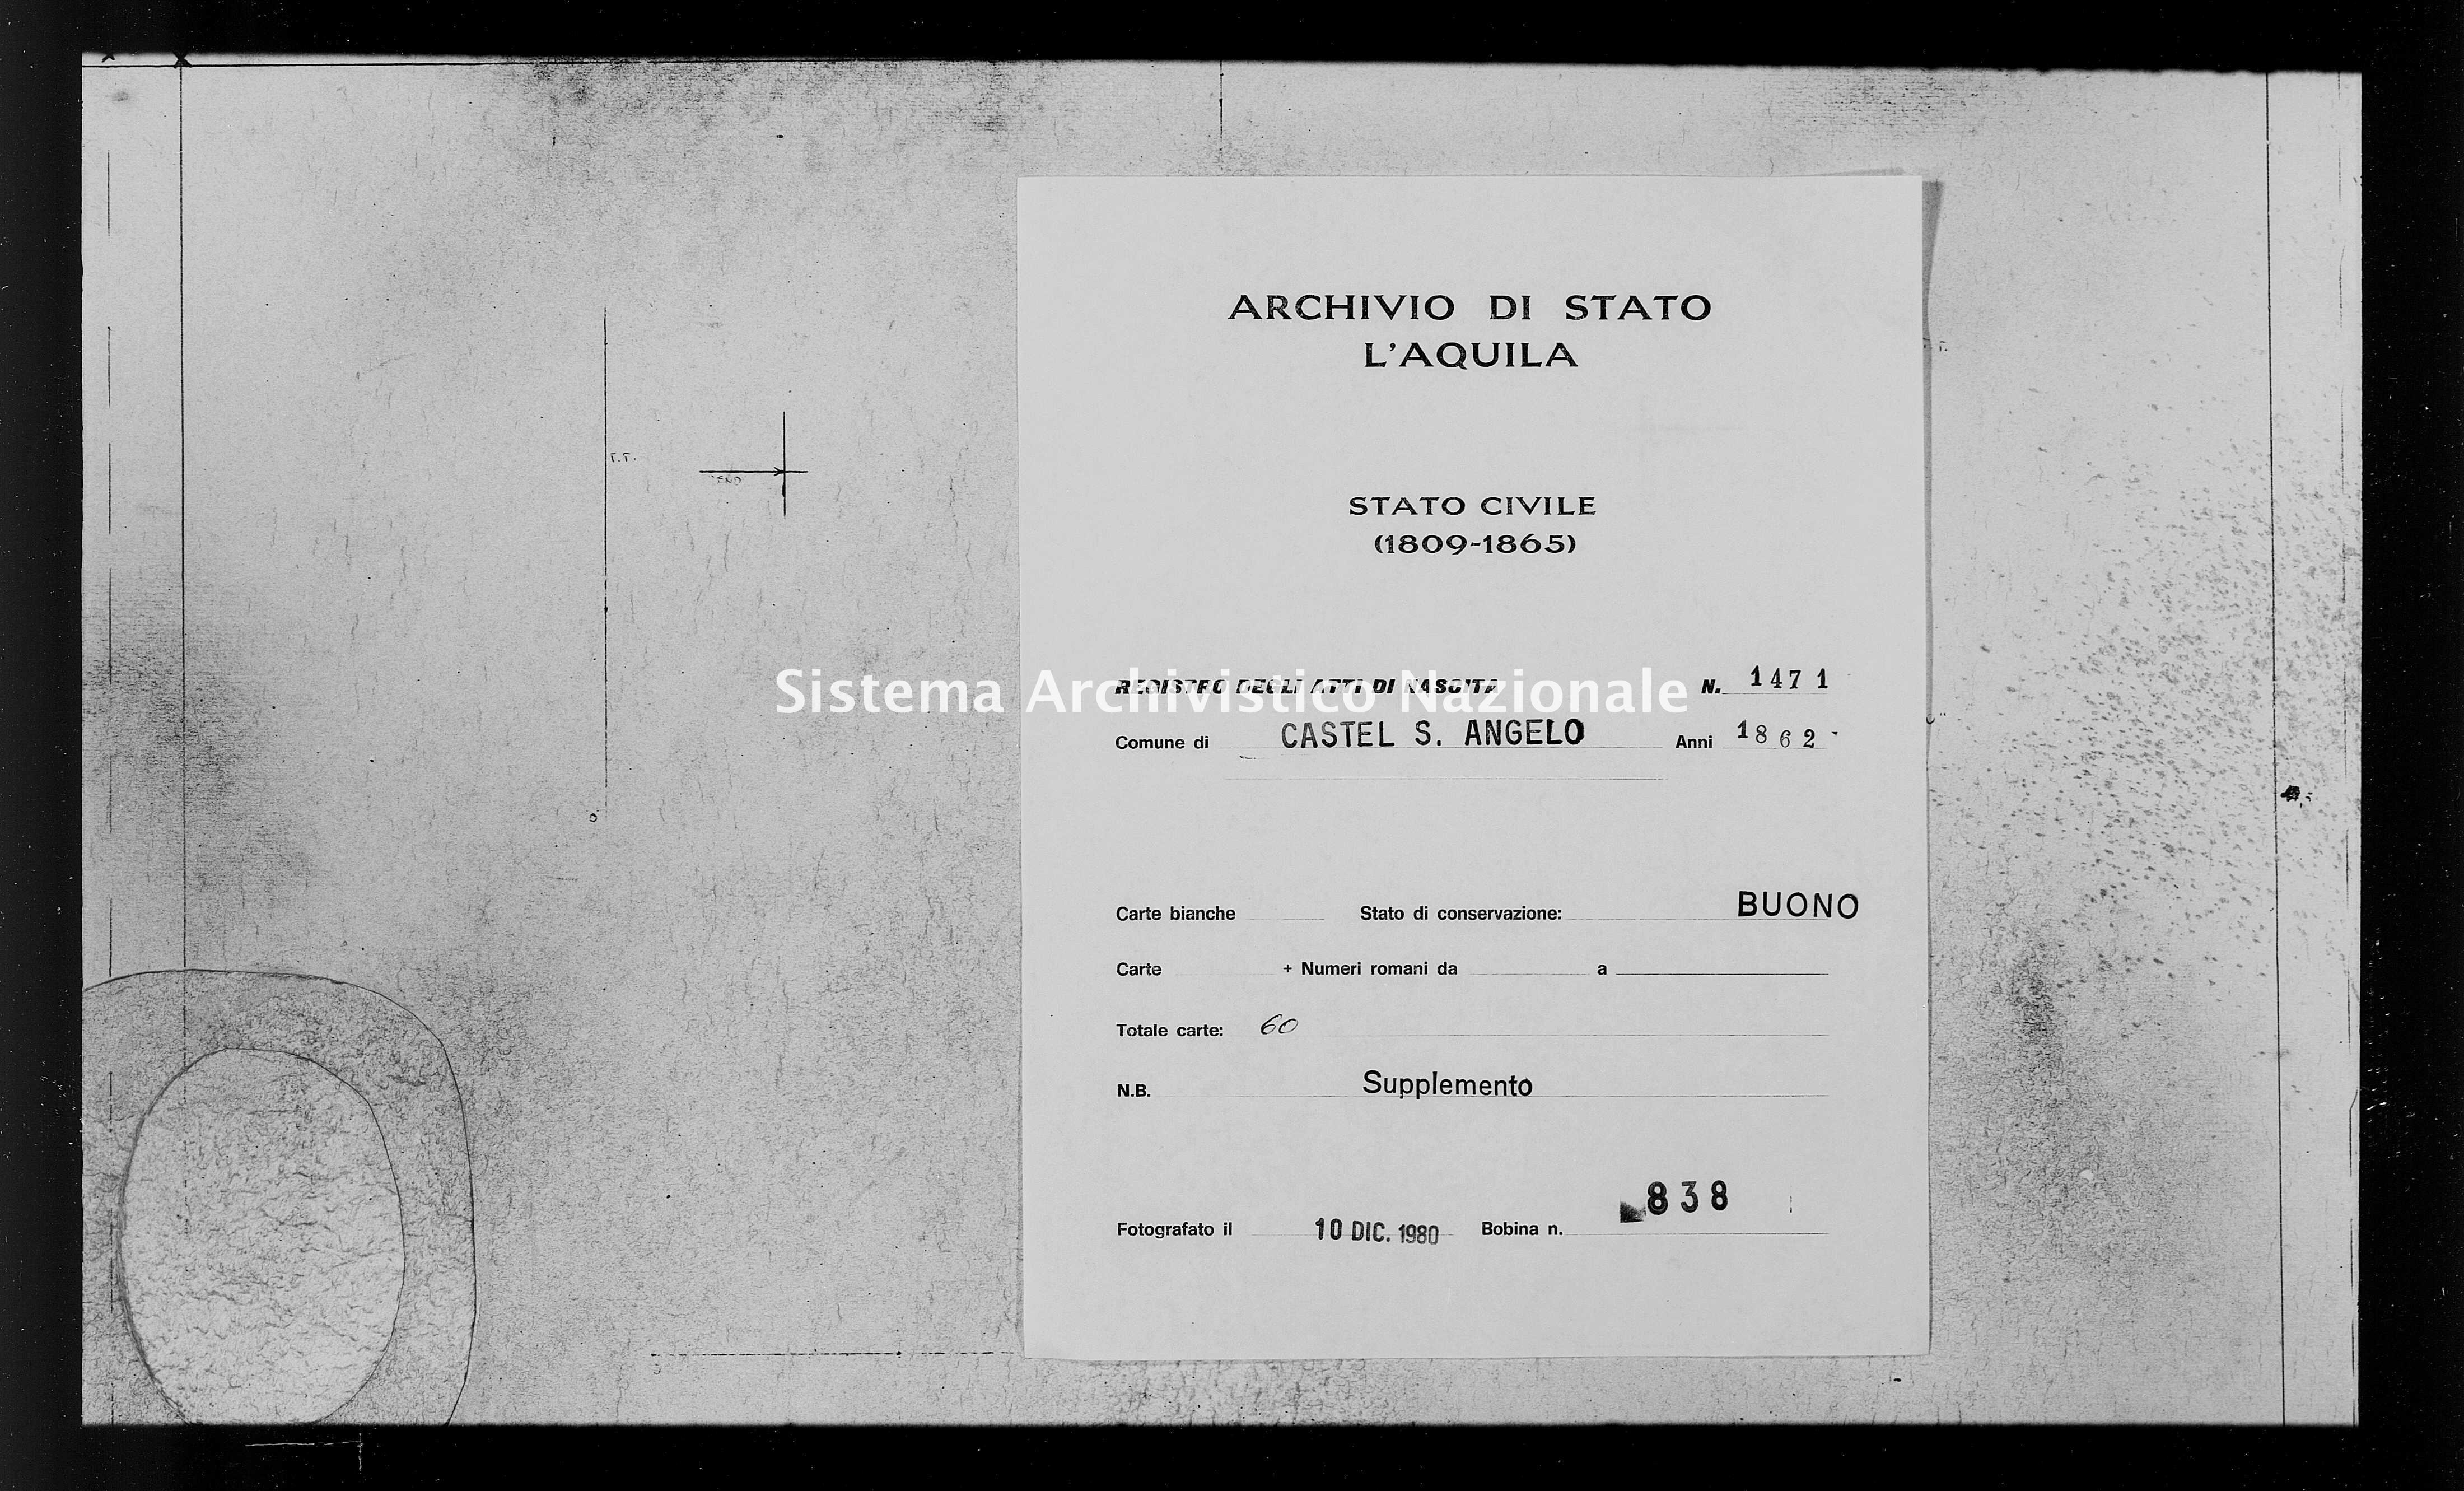 Archivio di stato di L'aquila - Stato civile italiano - Castel Sant'Angelo - Nati, battesimi - 1862 - 1471 -